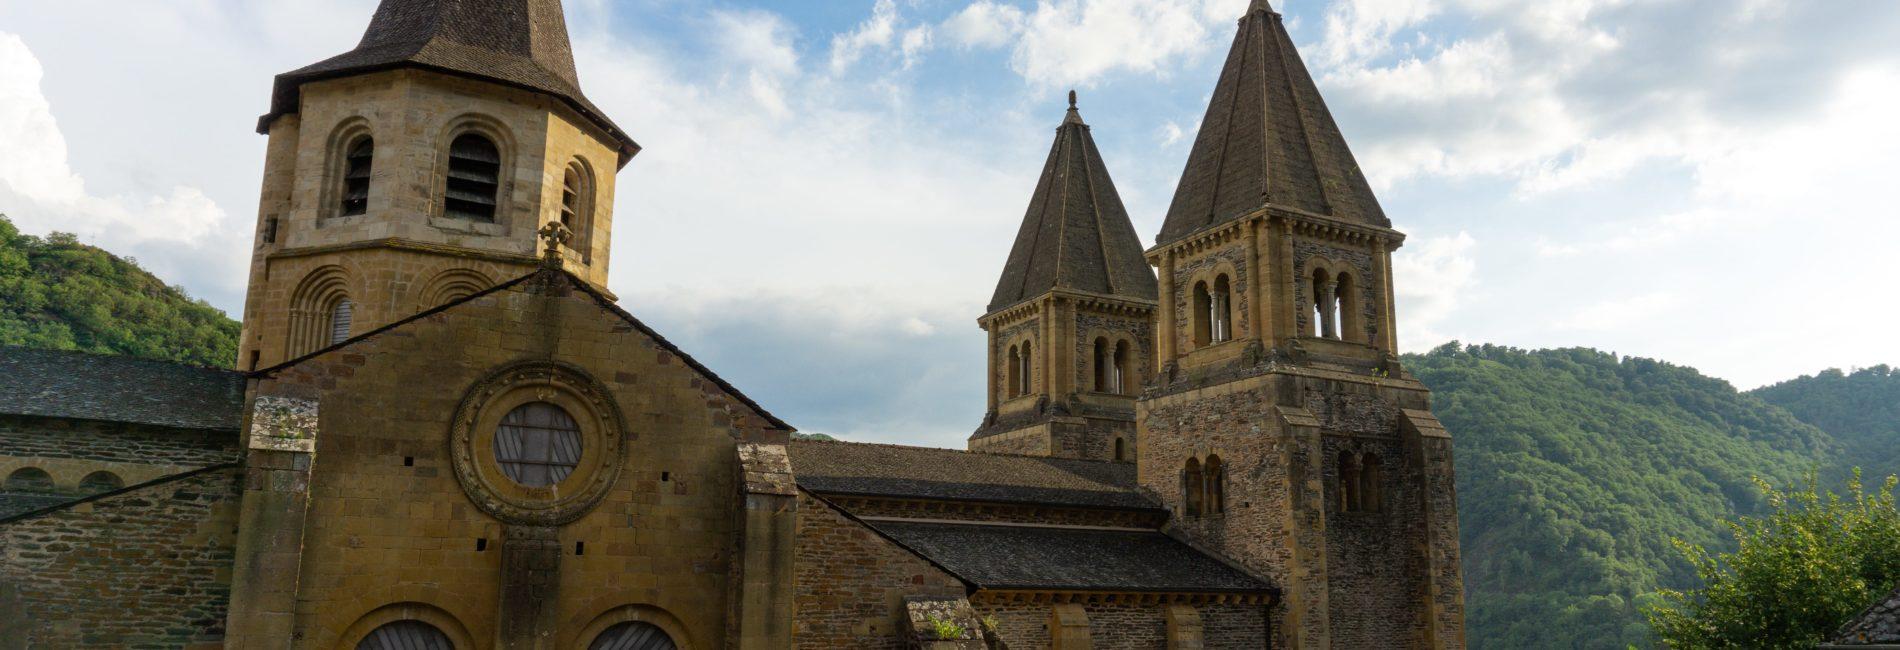 À la découverte de Conques, ravissant village médiéval sur le chemin de Compostelle